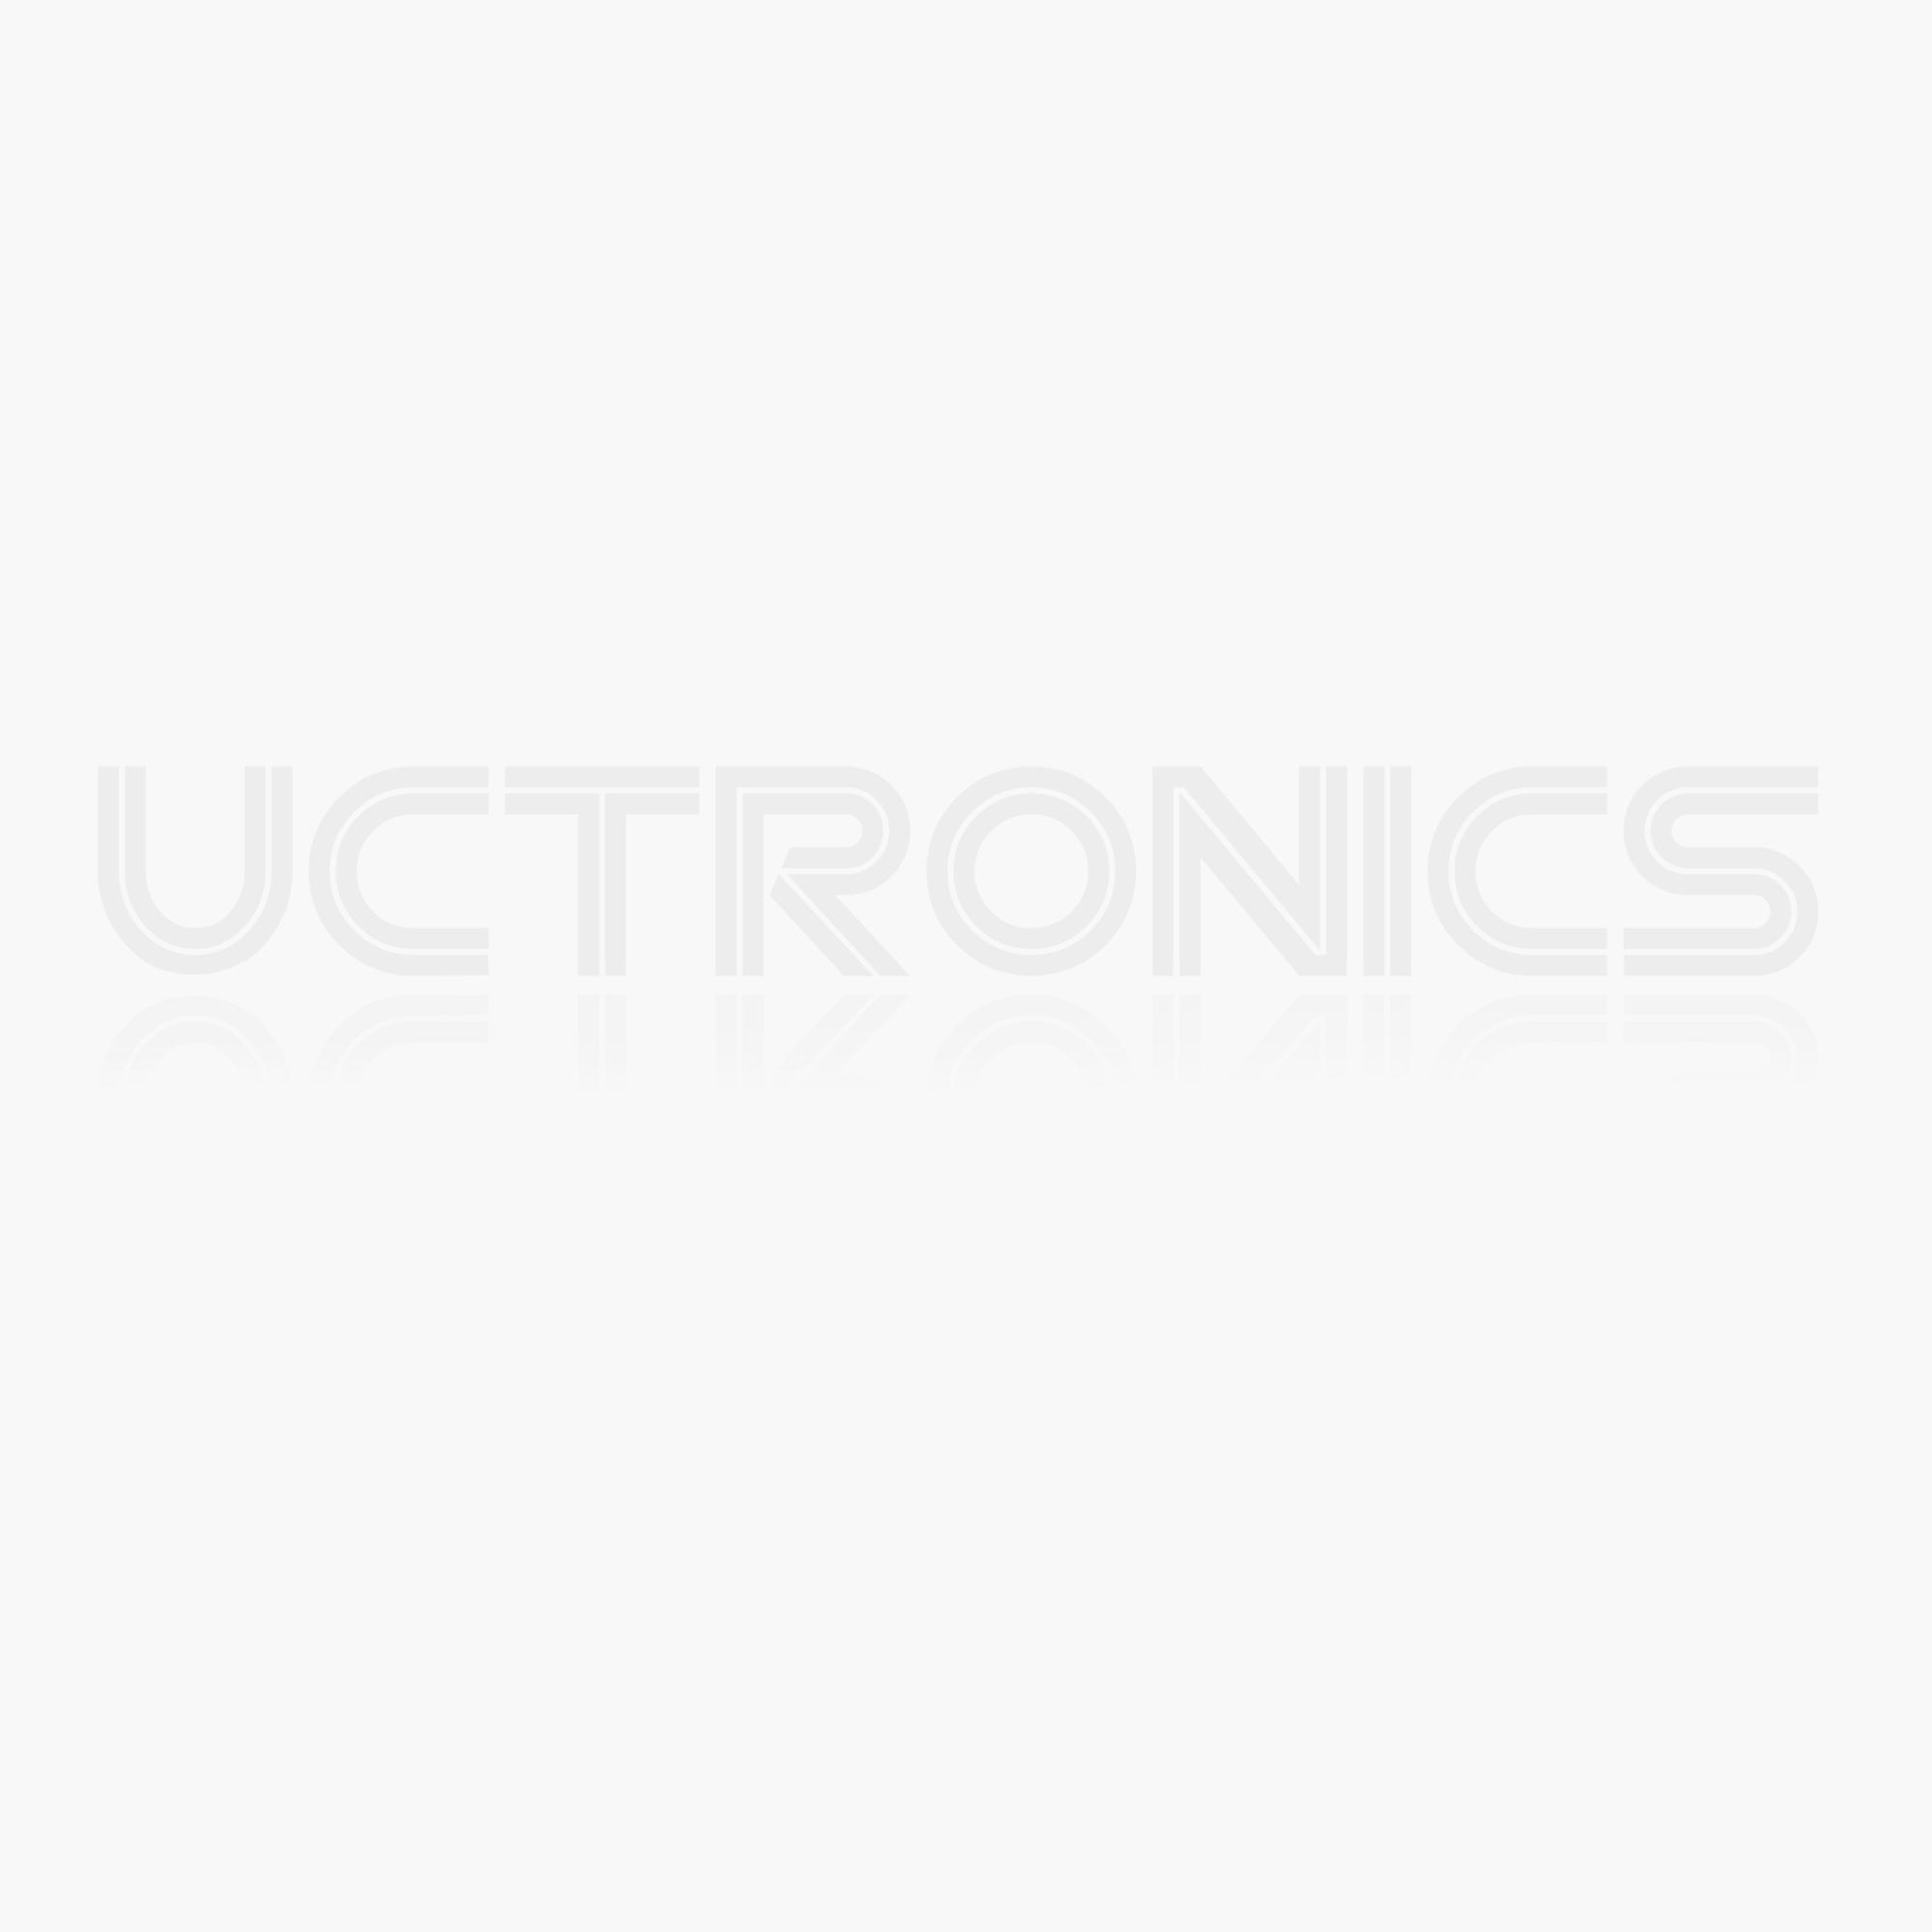 2pcs HX711 Weighing Sensor 24-bit A/D Conversion Adapter Load Module for Arduino